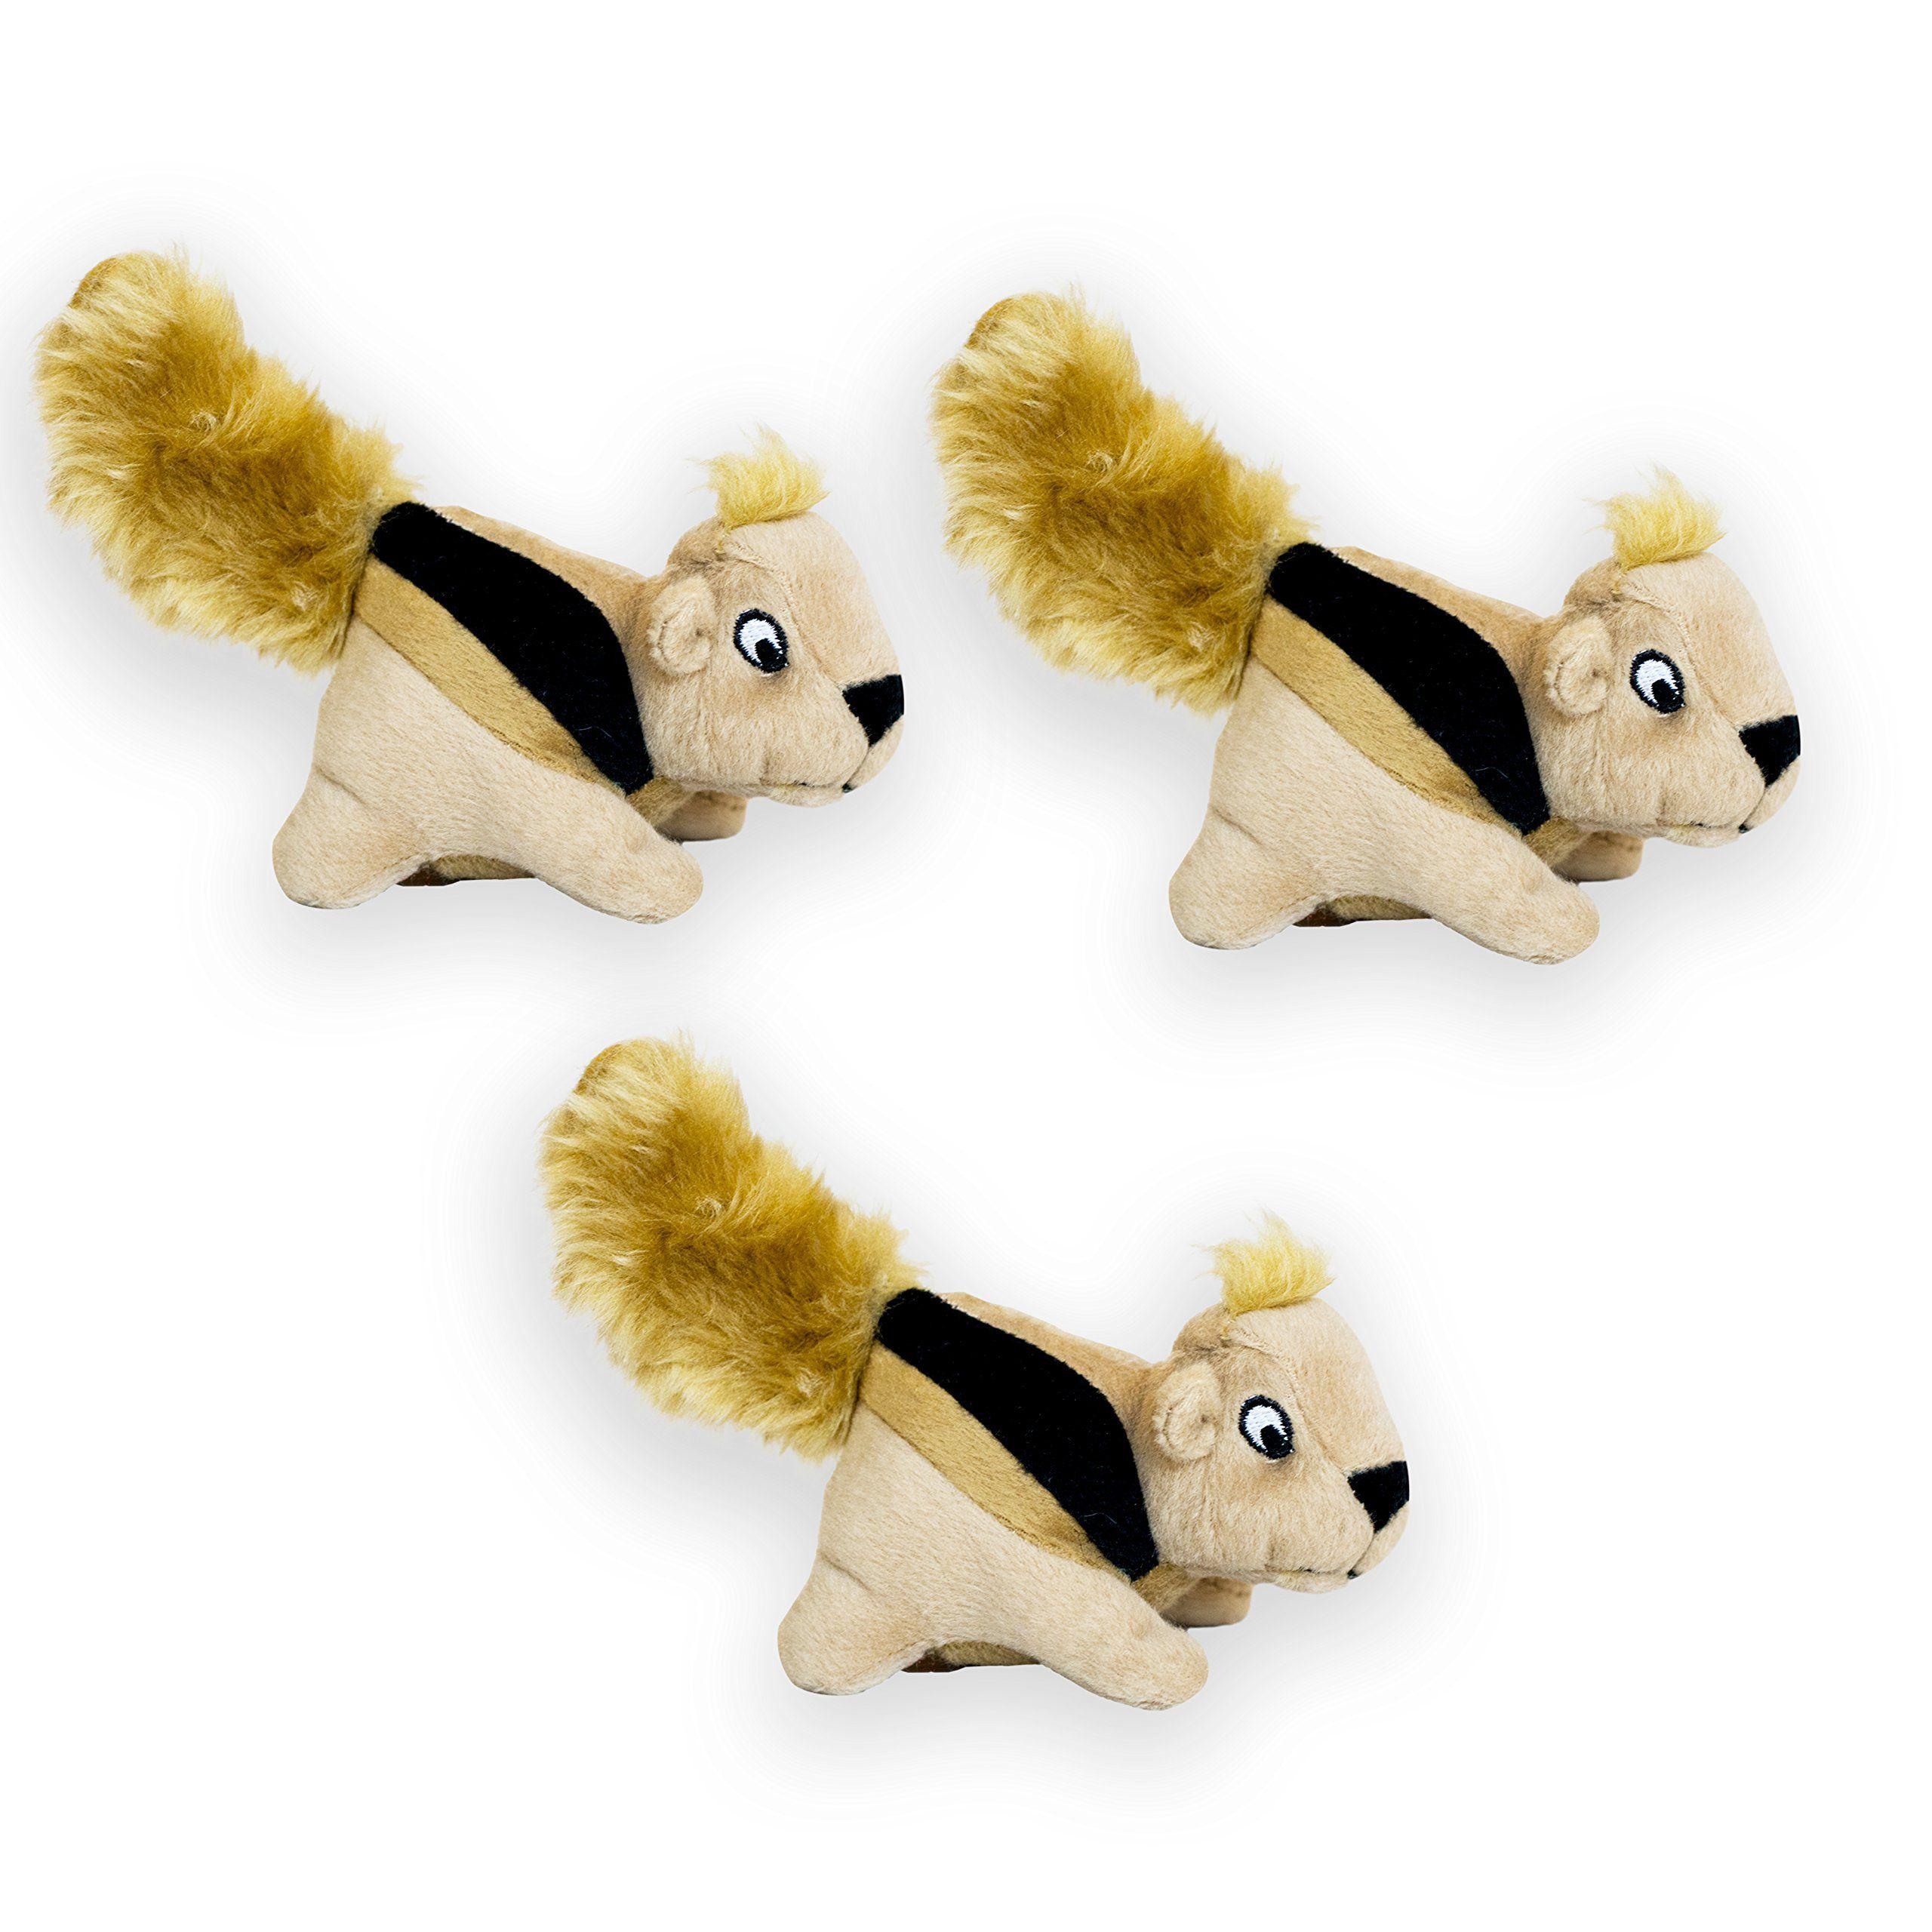 Outward Hound Squeakina Animals Dog Squeak Toys Click Image